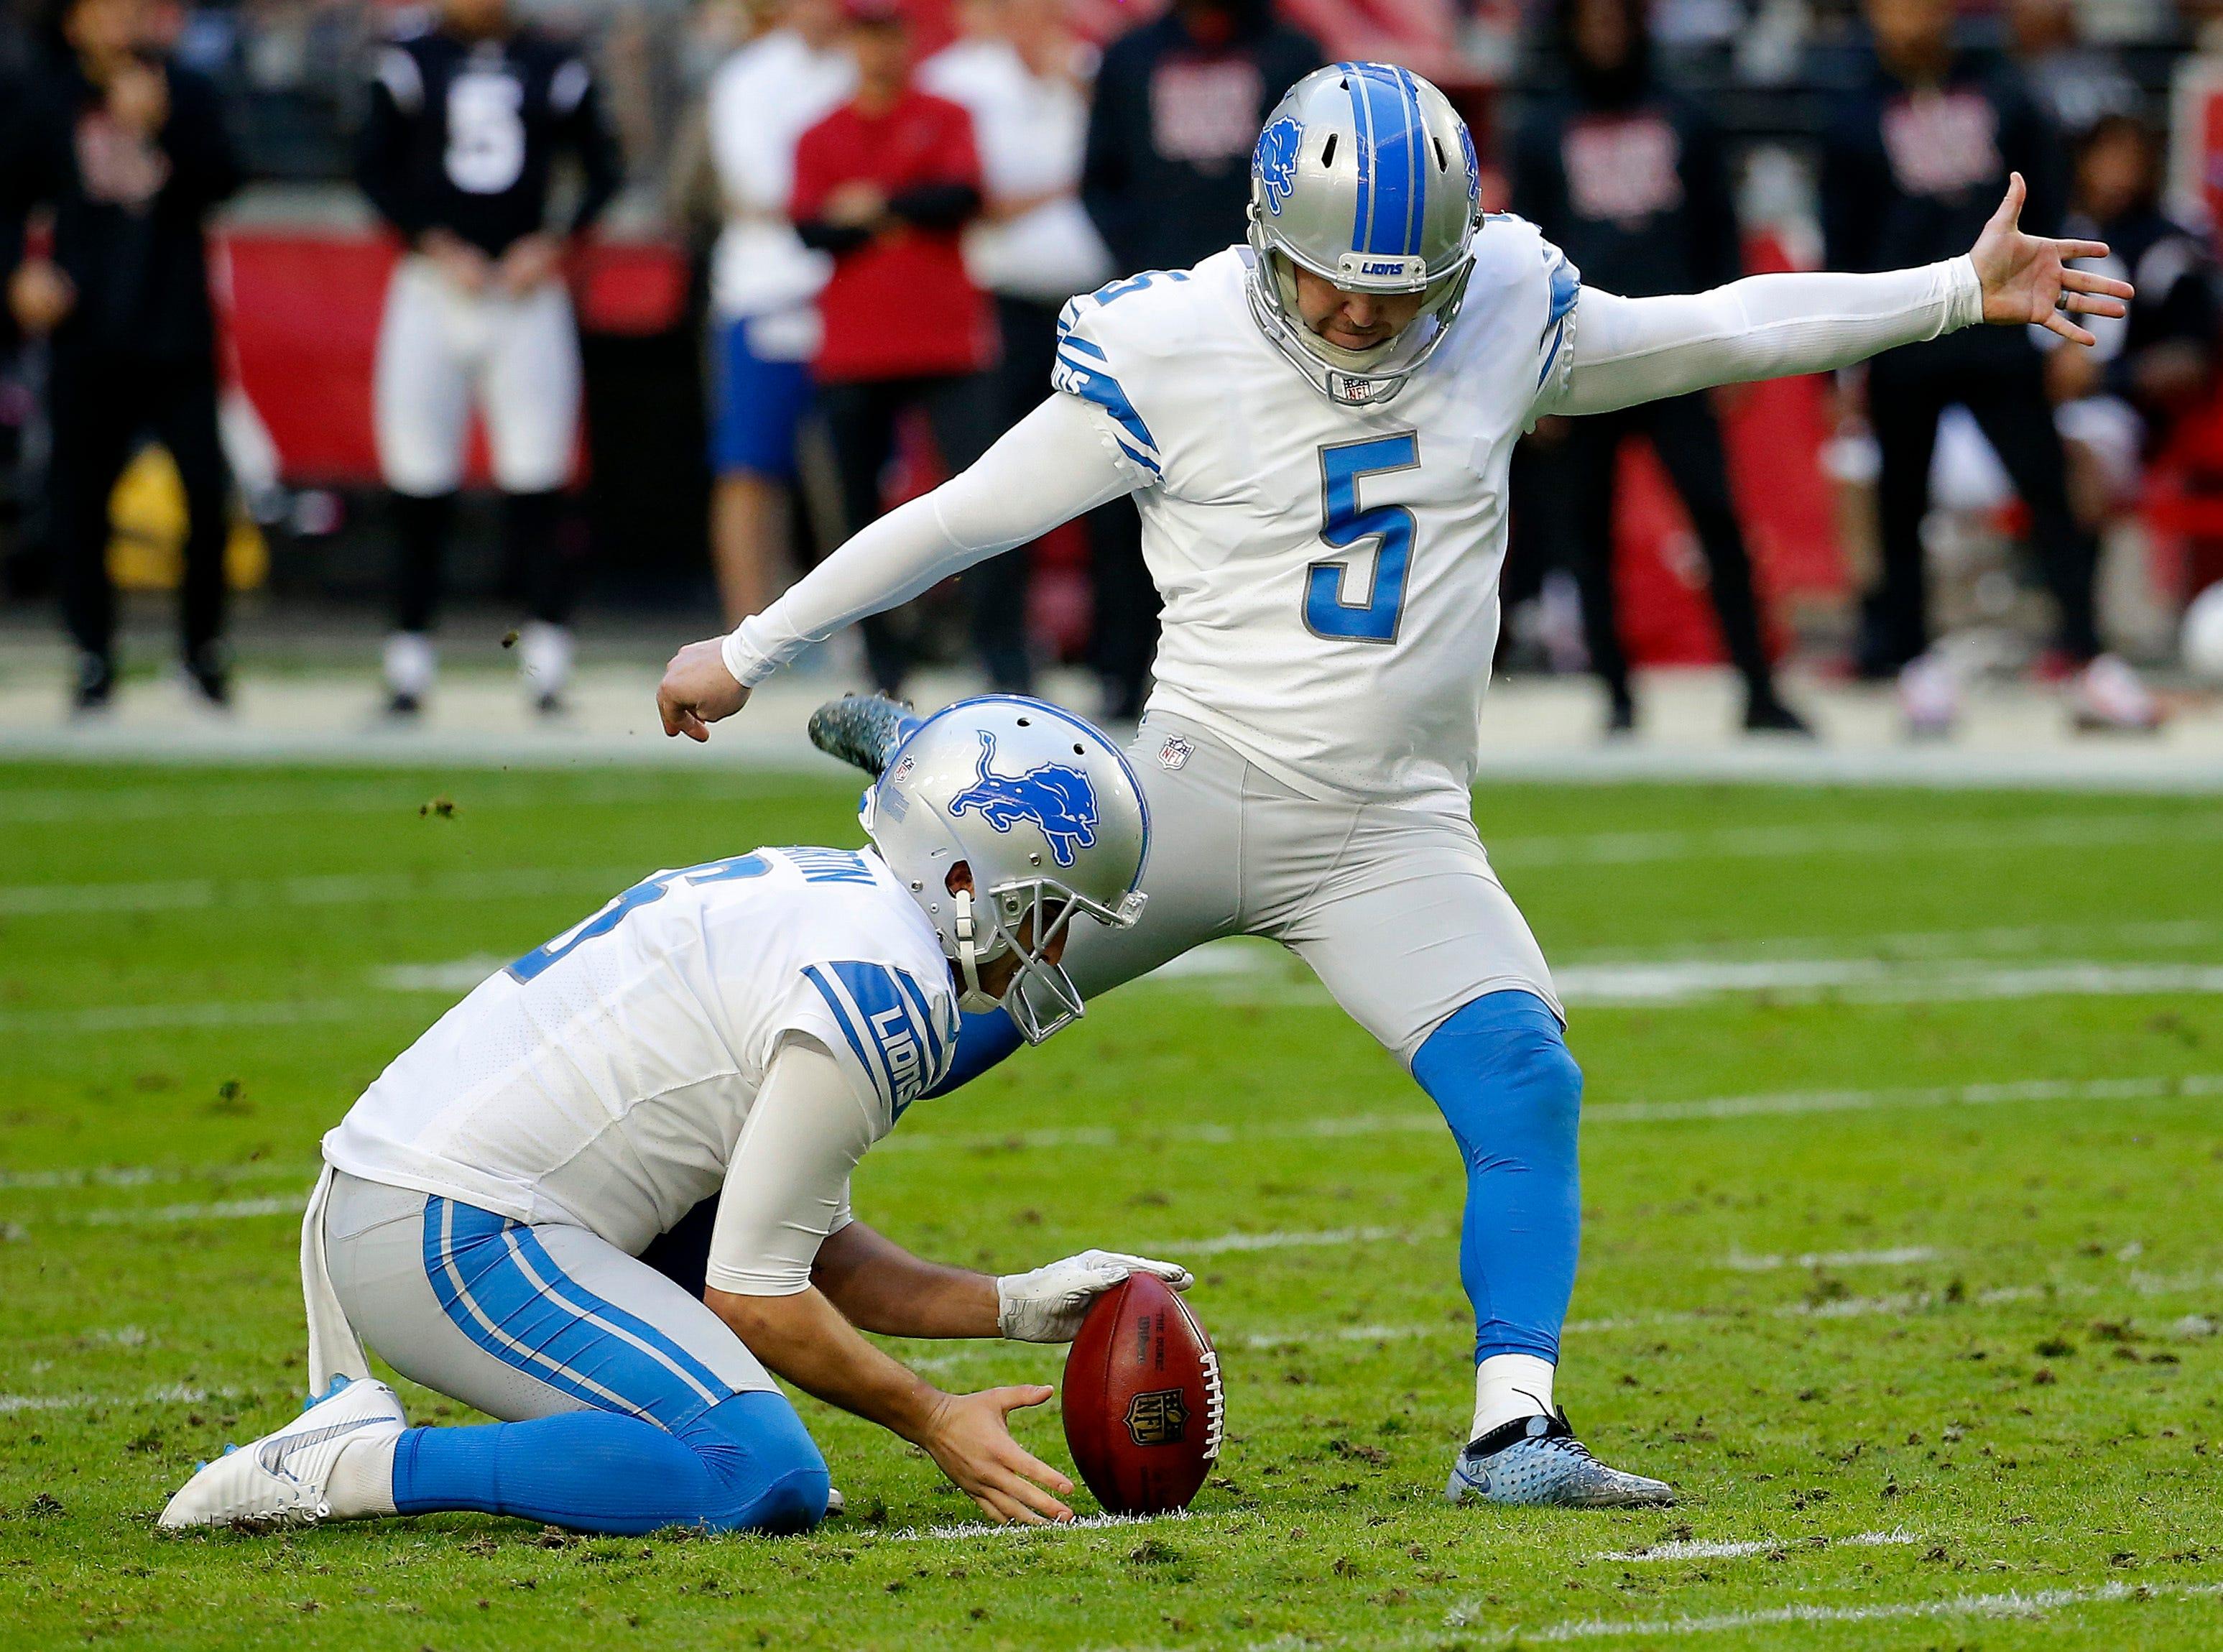 Detroit Lions kicker Matt Prater (5) kicks a field goal against the Arizona Cardinals as punter Sam Martin holds during the first half.